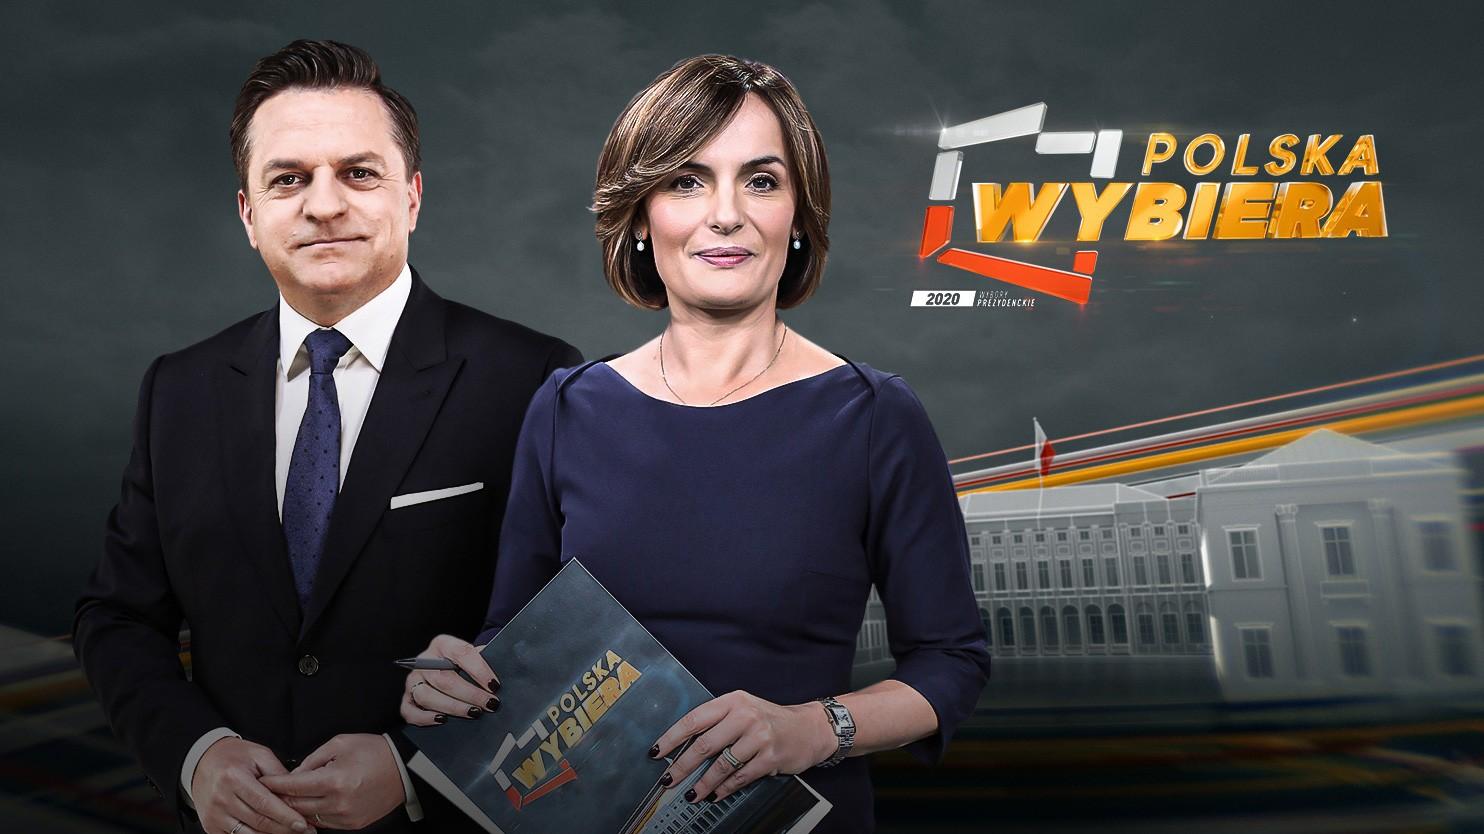 """2 mln oglądały """"Polska Wybiera - Wybory Prezydenckie 2020"""""""